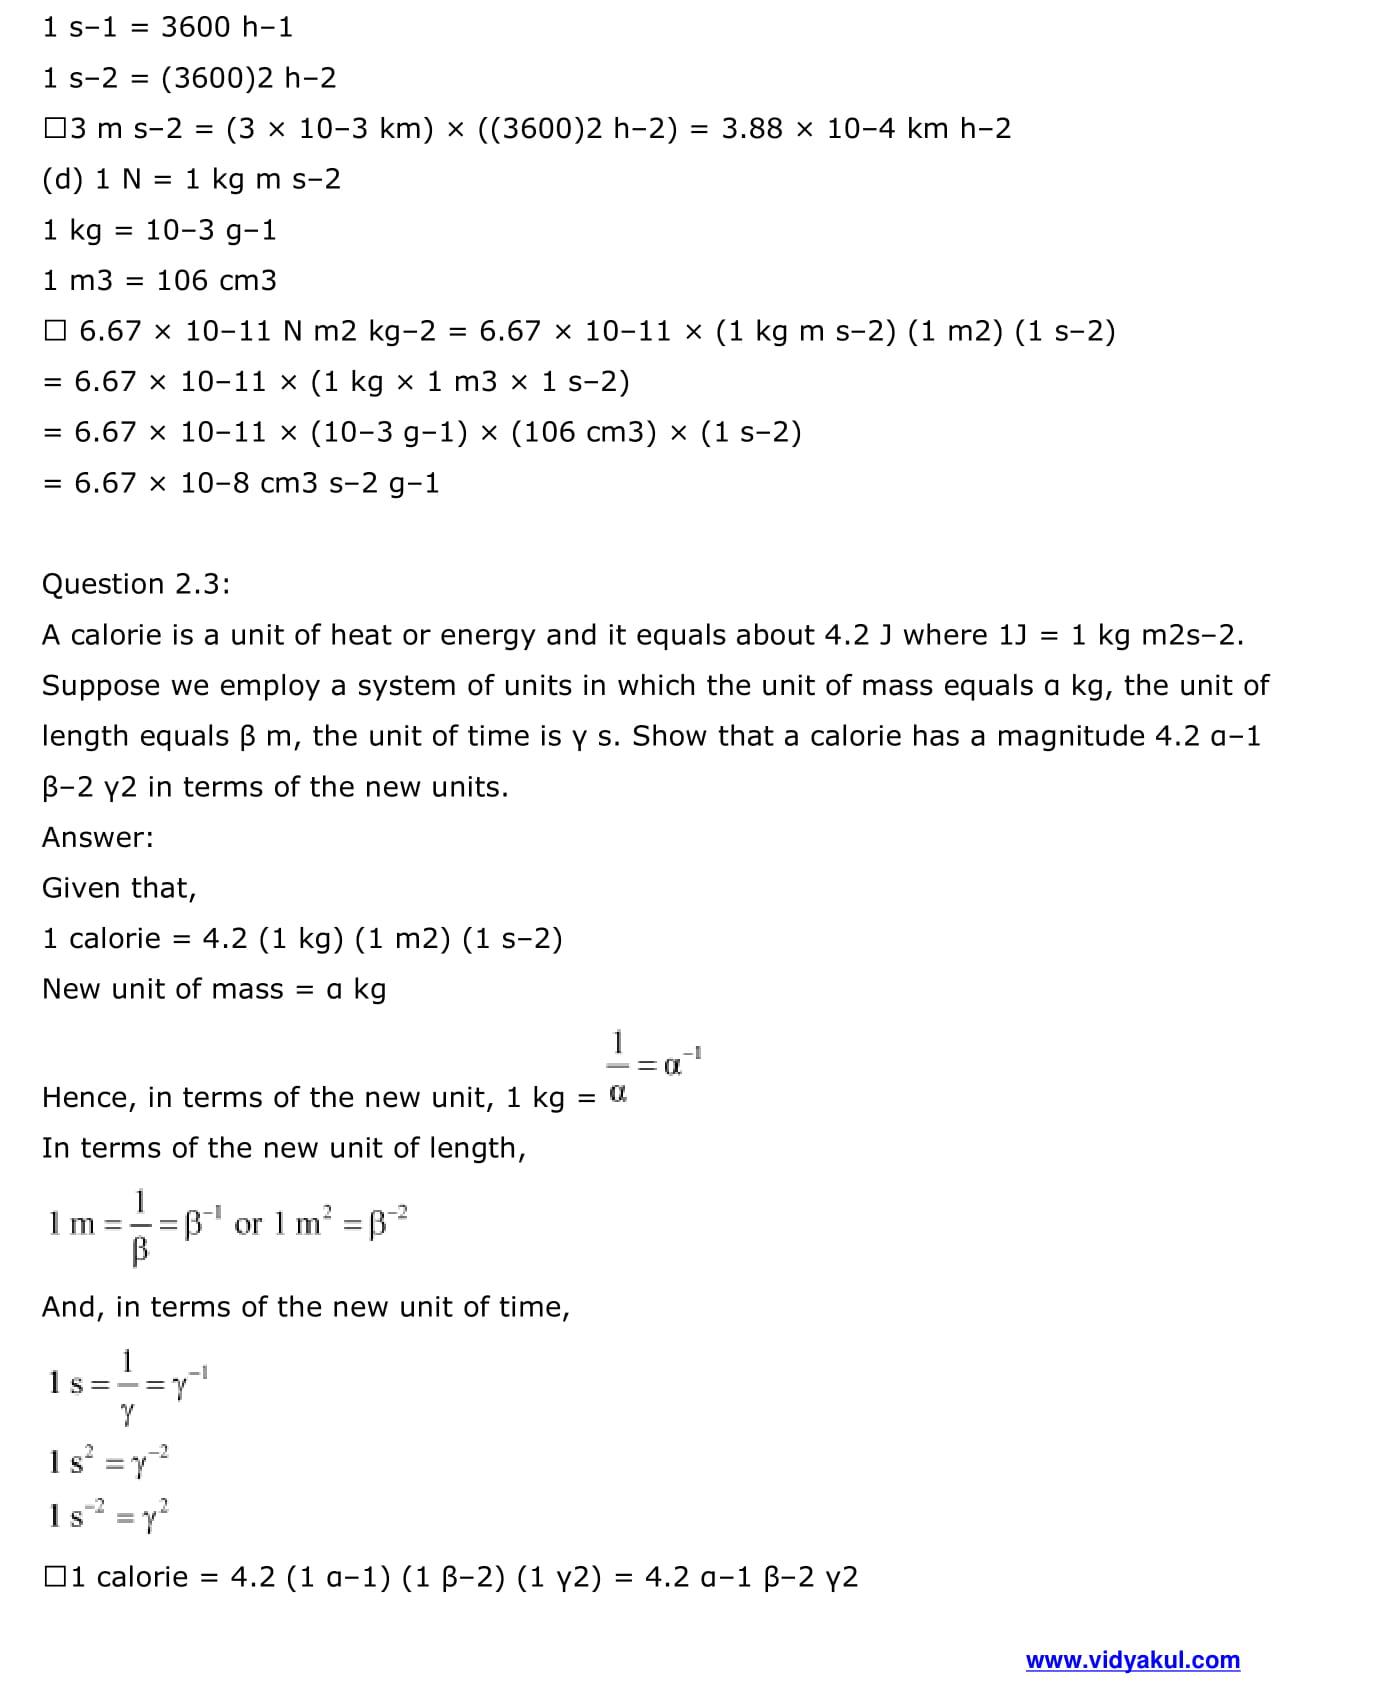 NCERT Solutions Class 11 Physics Chapter 2 | Vidyakul